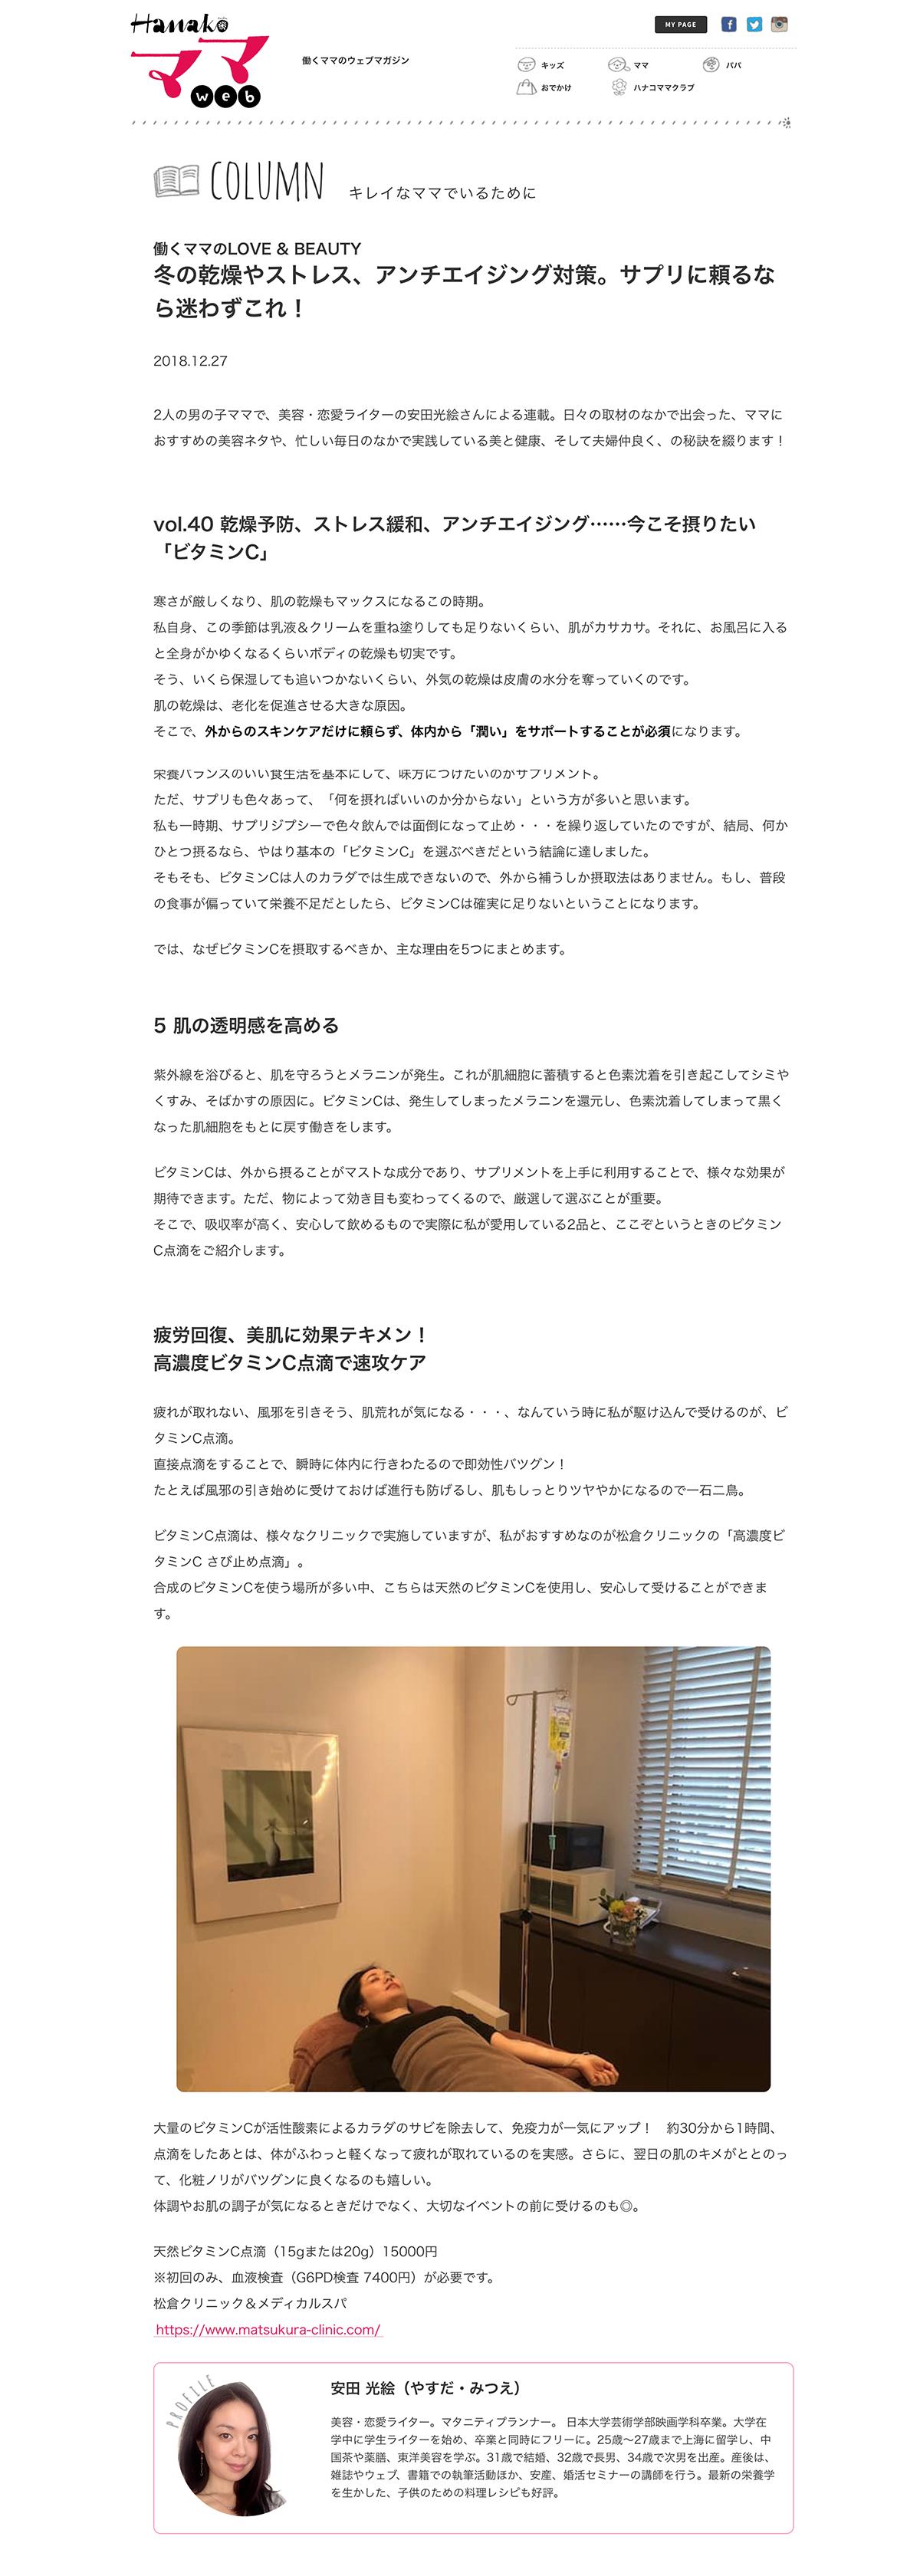 Hanako MAMA 2018.12.27掲載